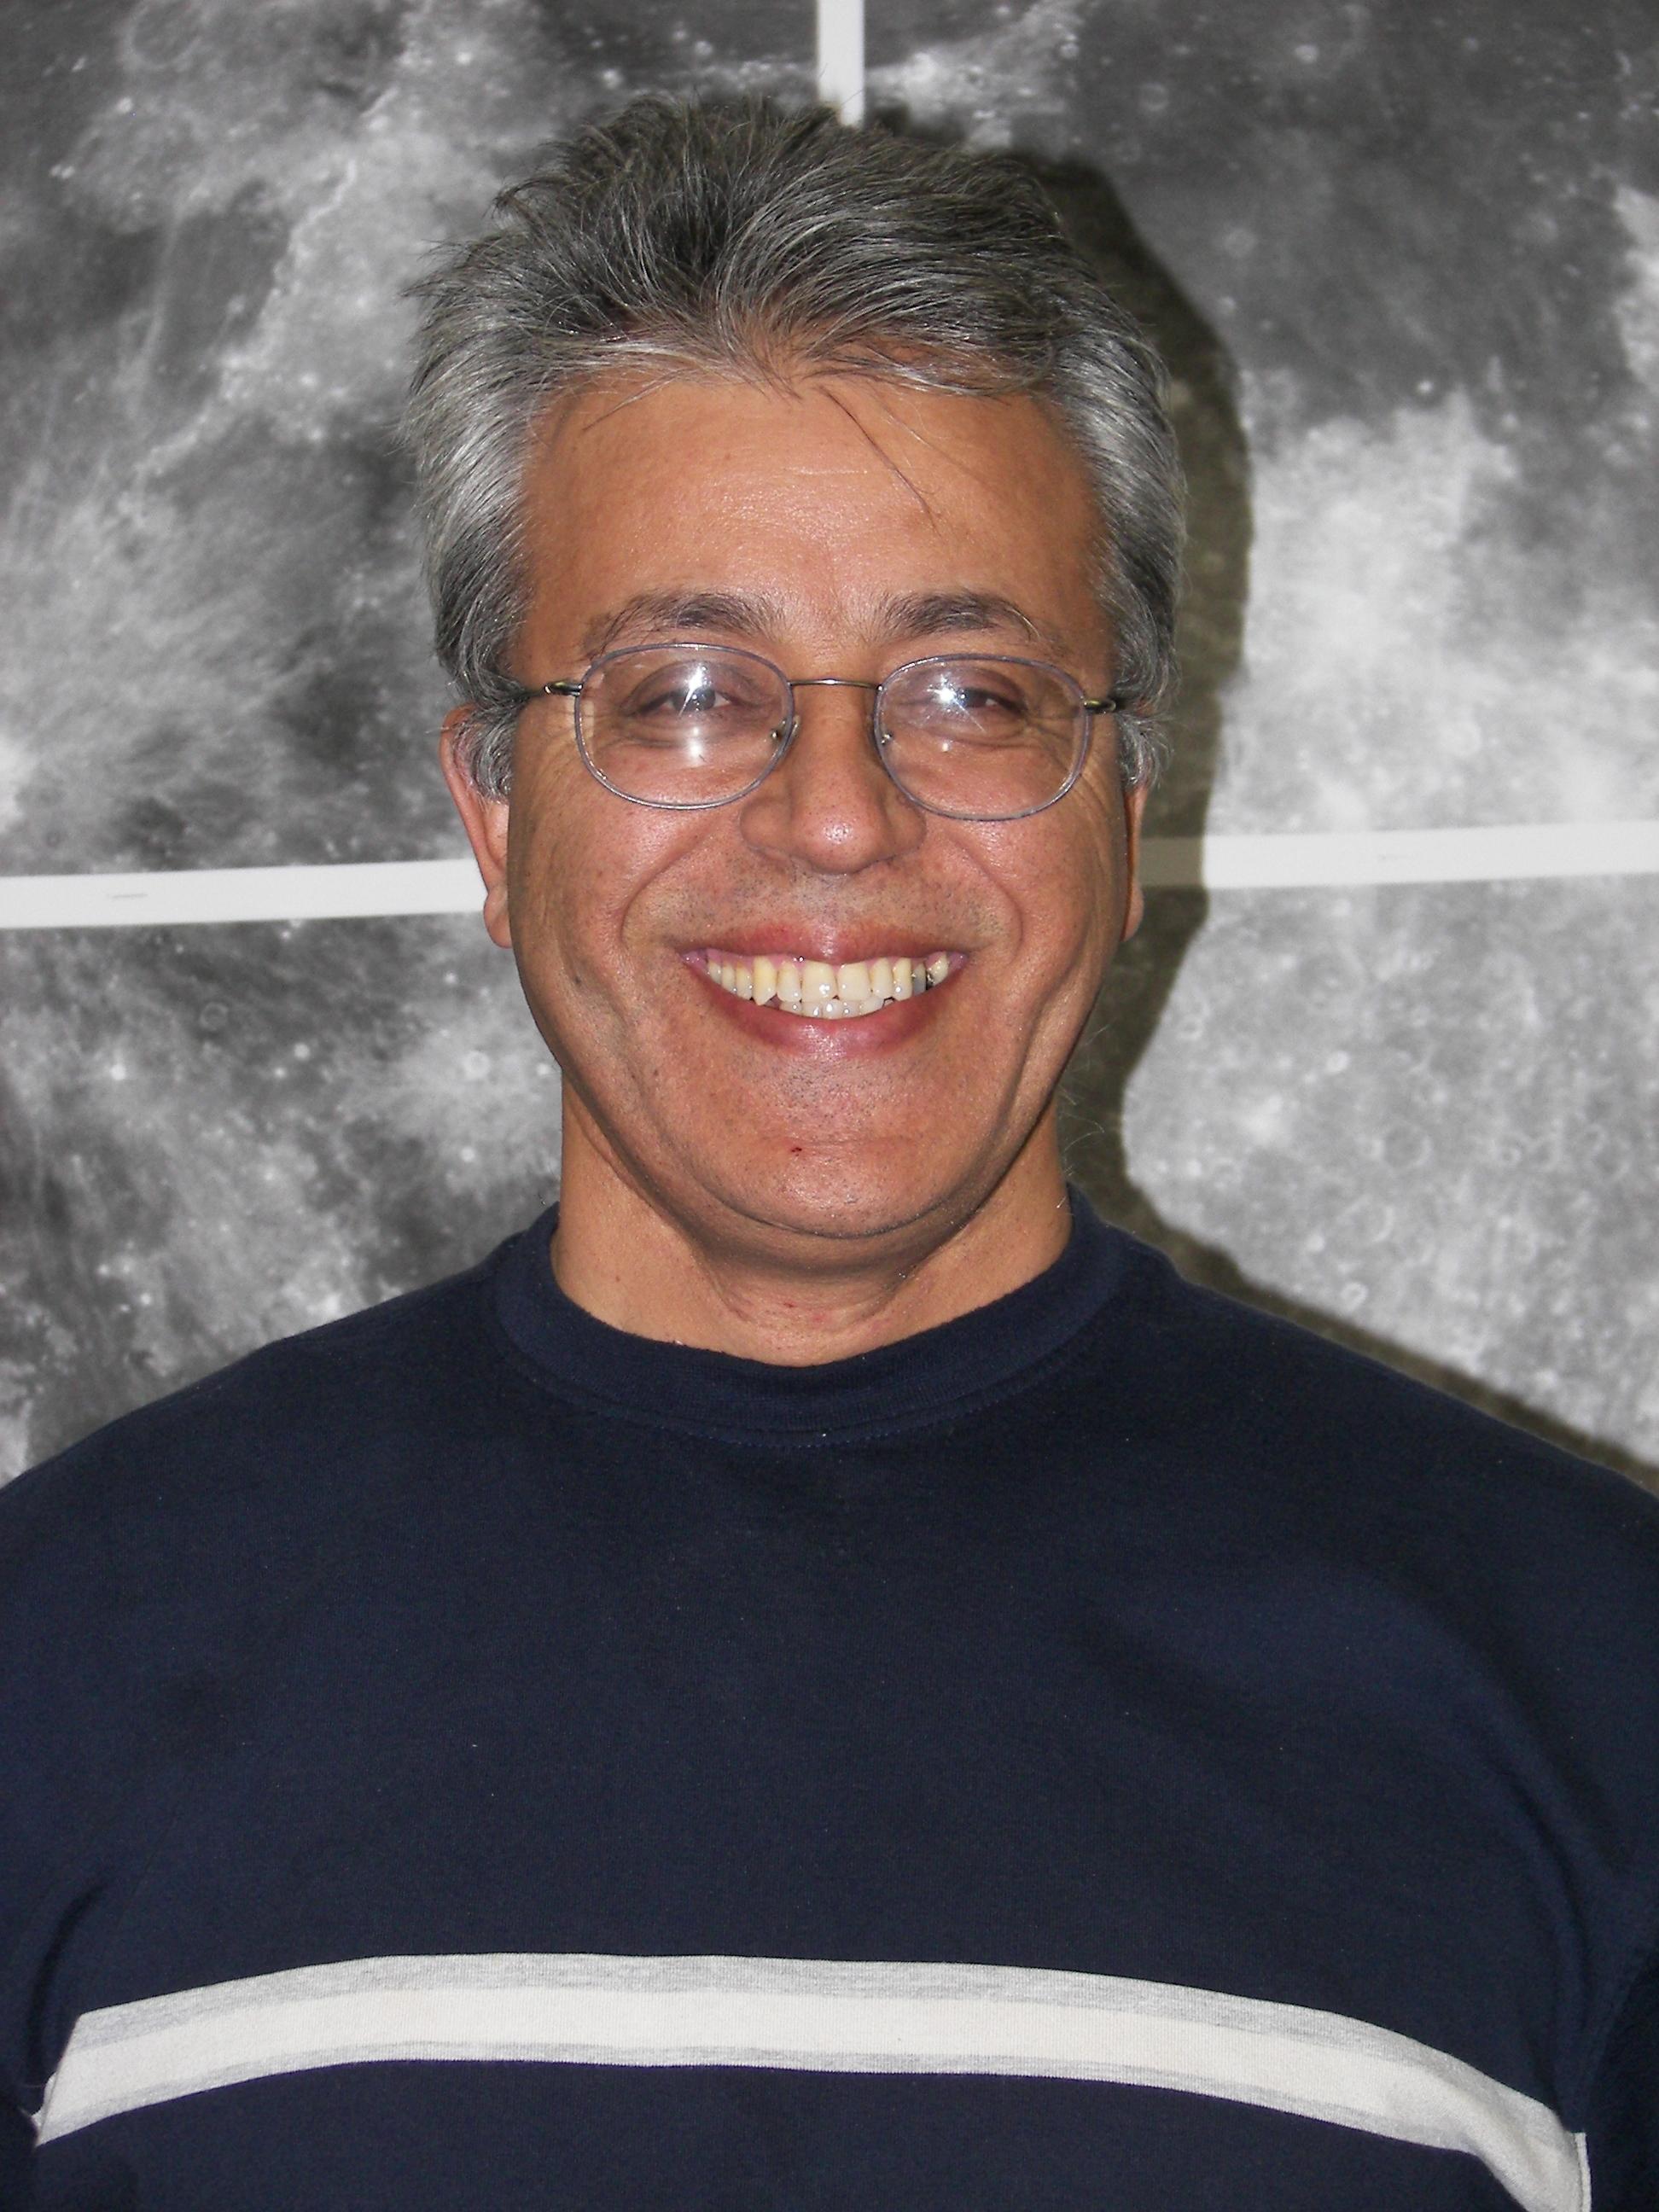 2007 Edip Yuksel